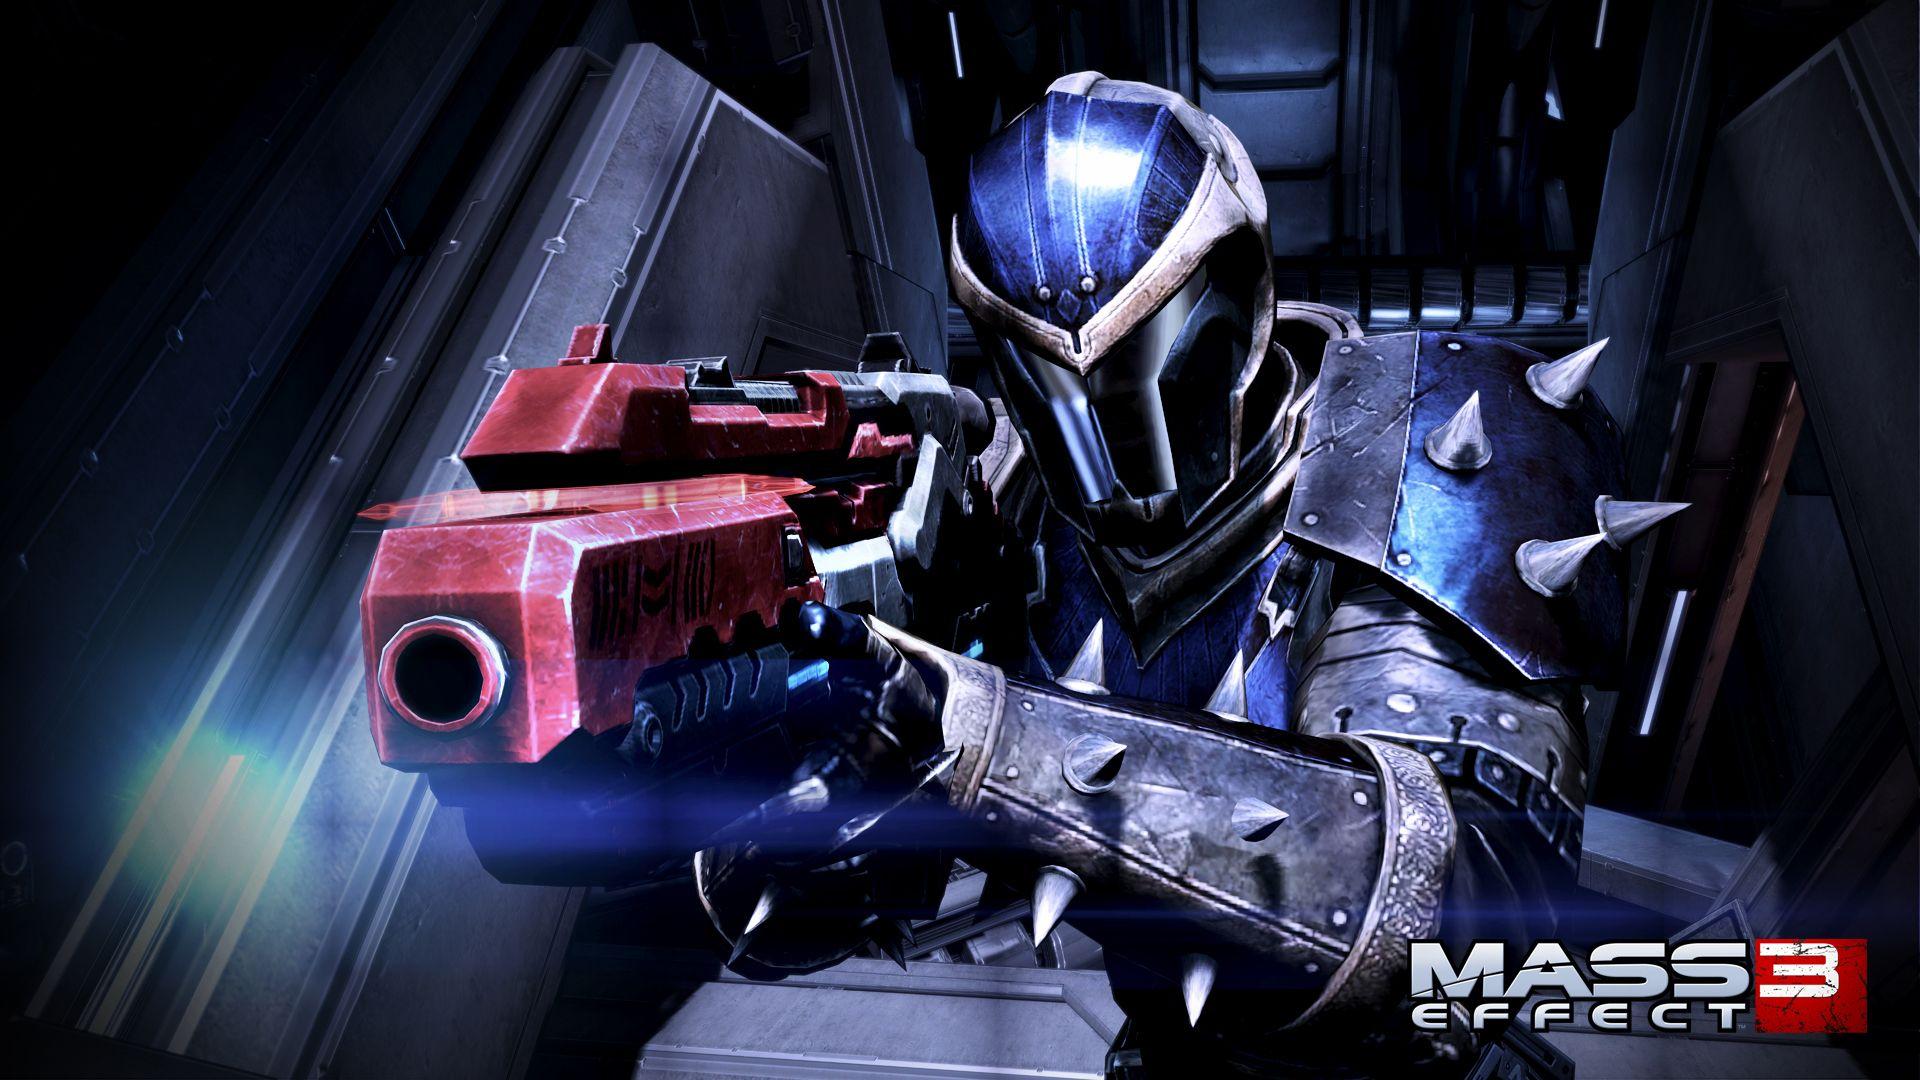 Demo Kingdoms of Amalur a exkluzivní bonusy pro Mass Effect 3 58588